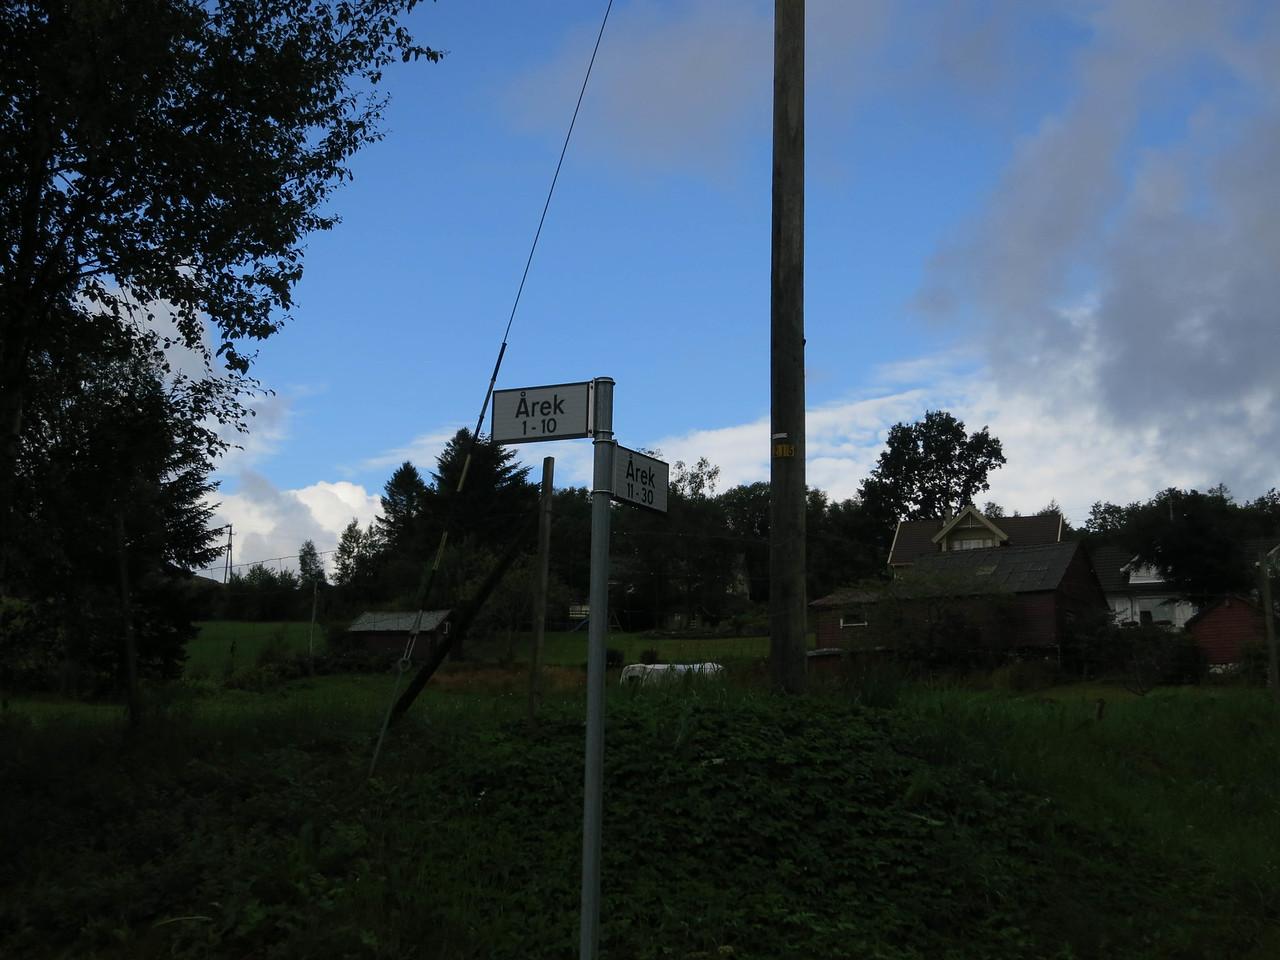 Årek farm